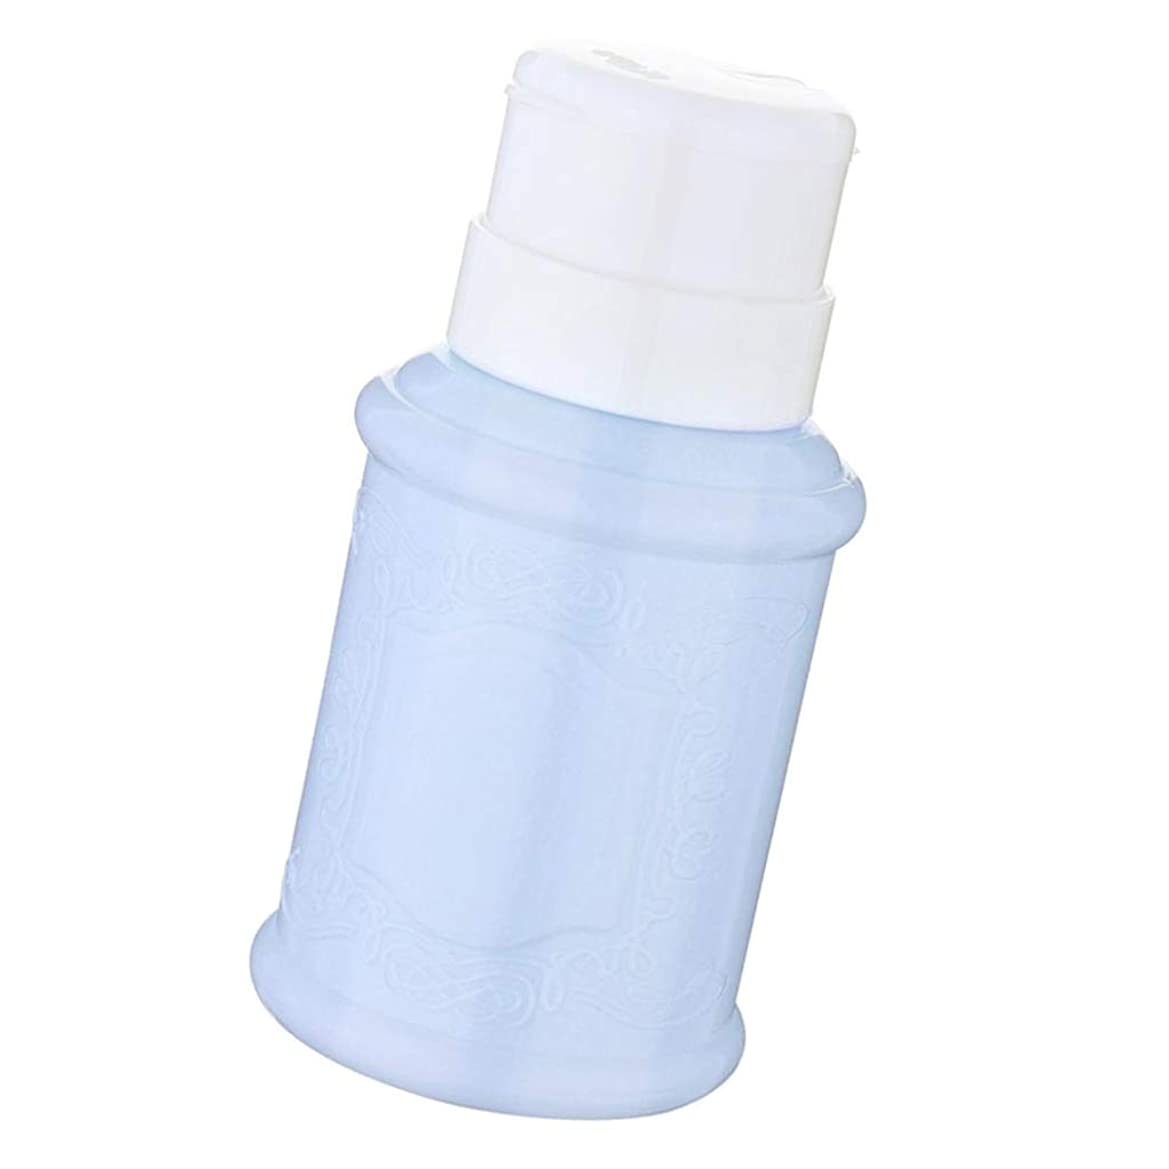 れる機械的恒久的ポンプディスペンサー ネイル リットル空ポンプ ネイルクリーナーボトル 全3色 - 青